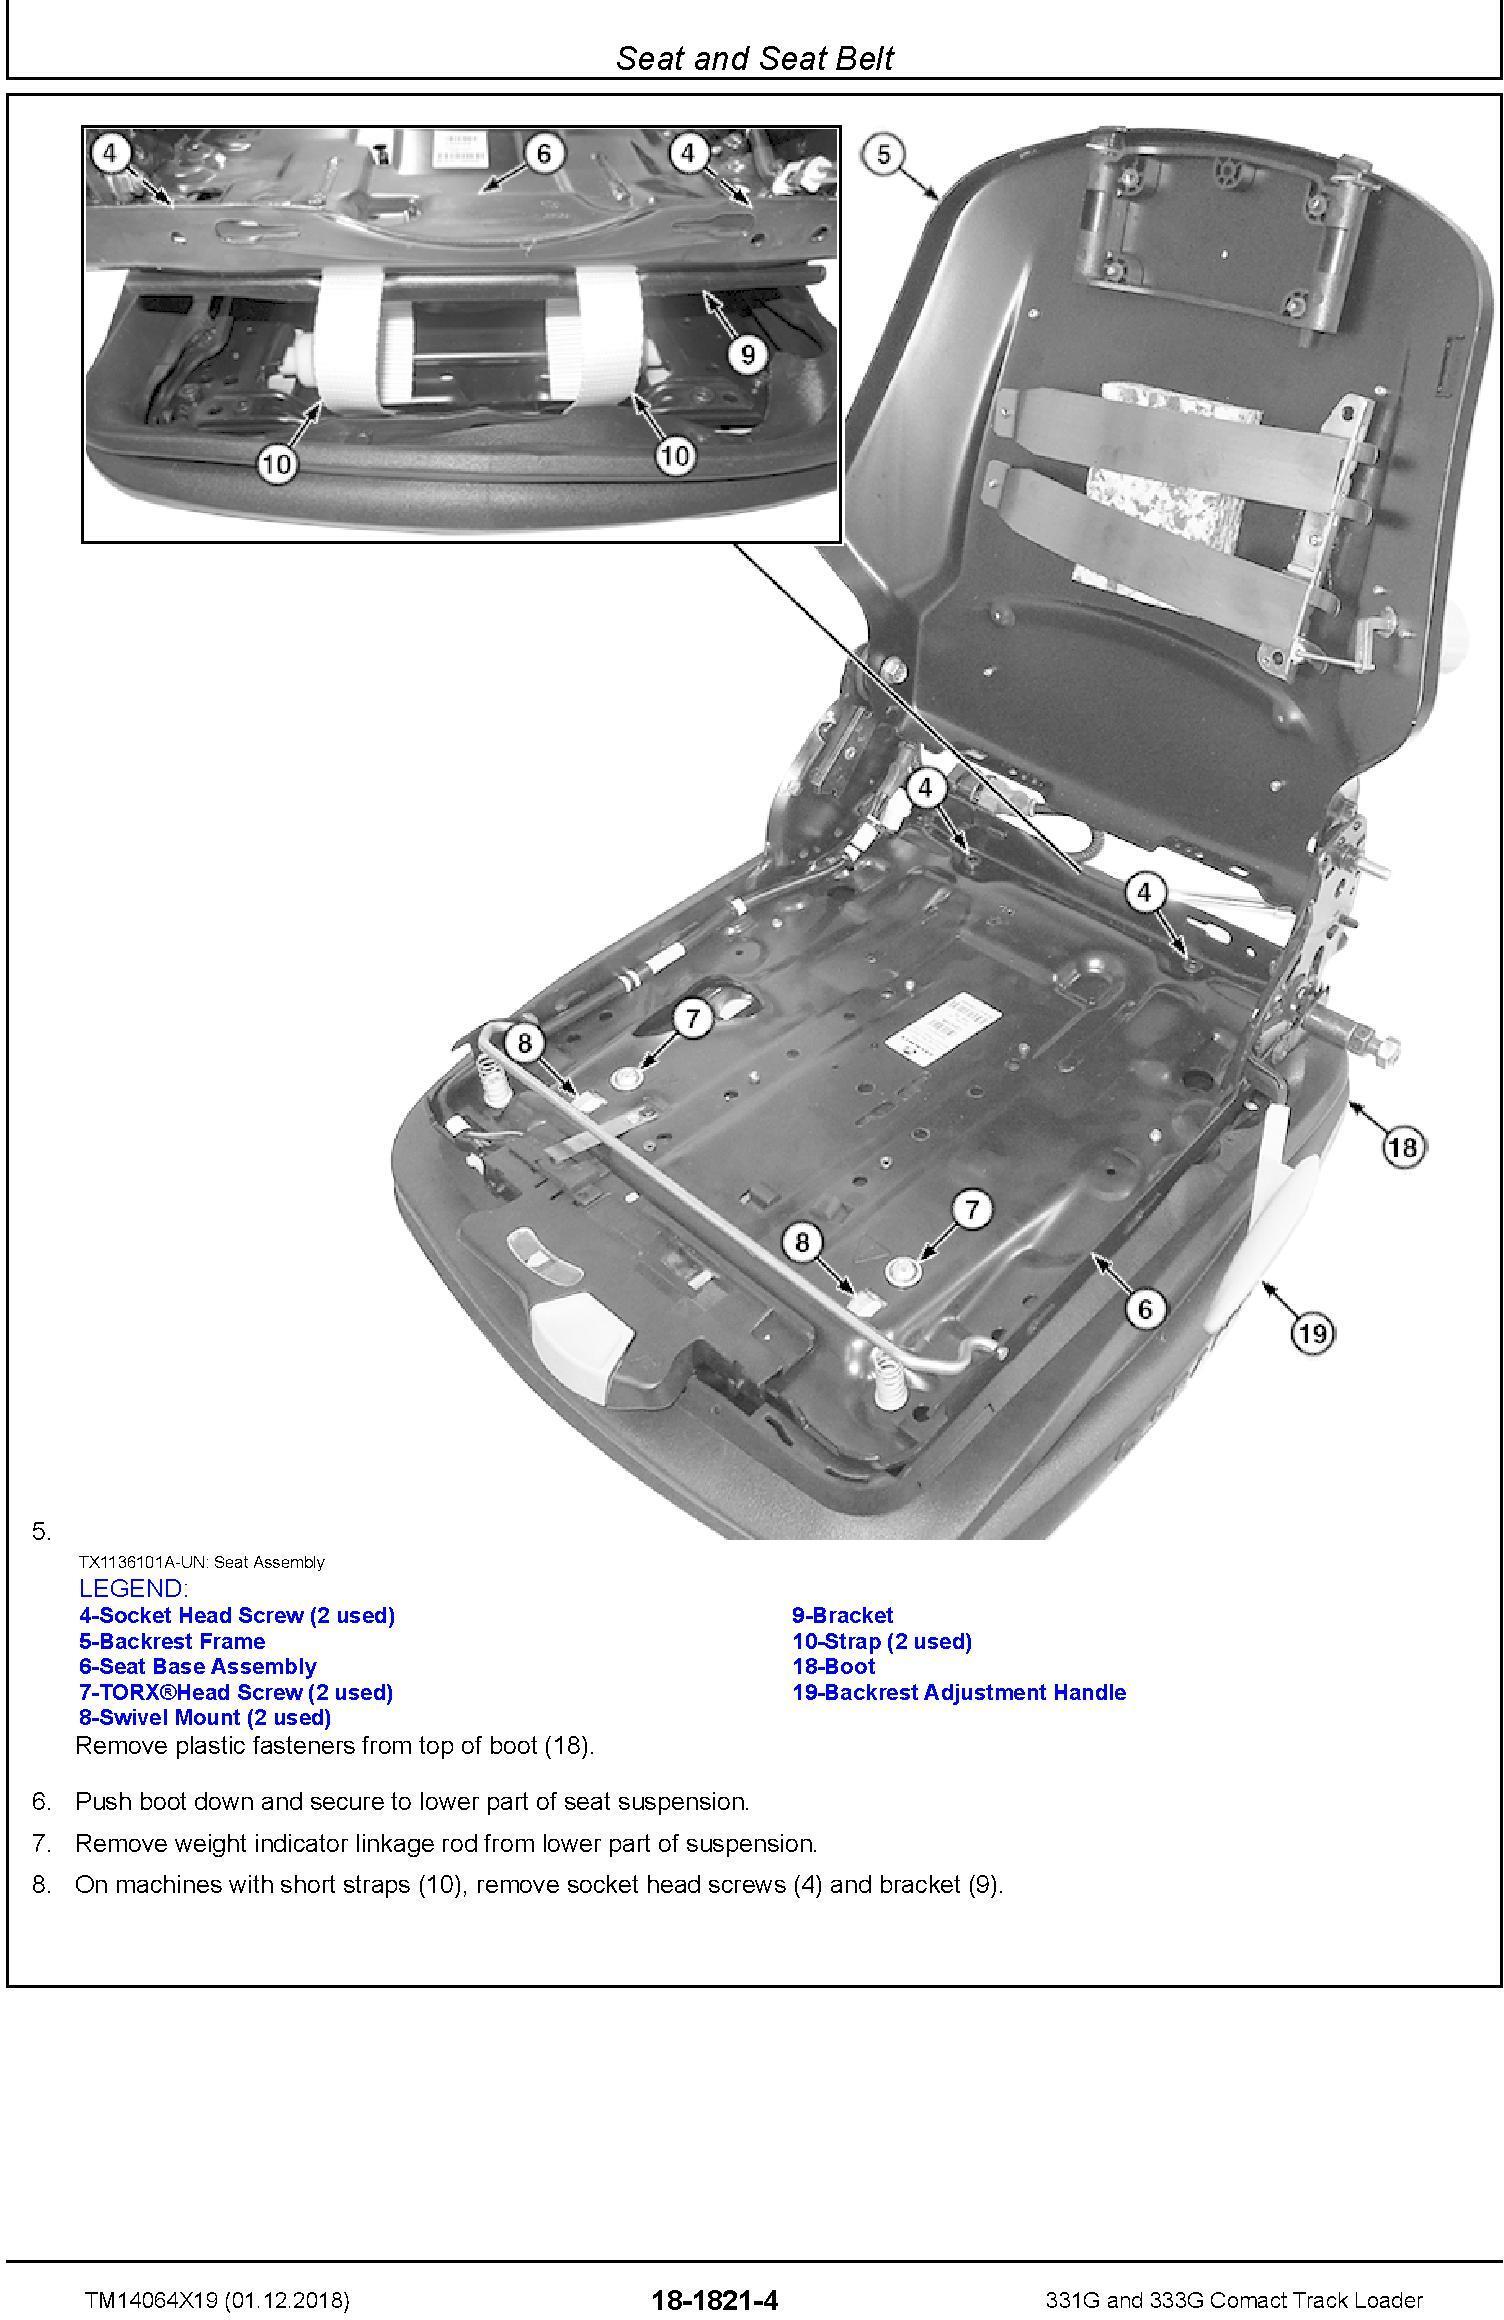 John Deere 331G and 333G Comact Track Loader Repair Service Manual (TM14064X19) - 2